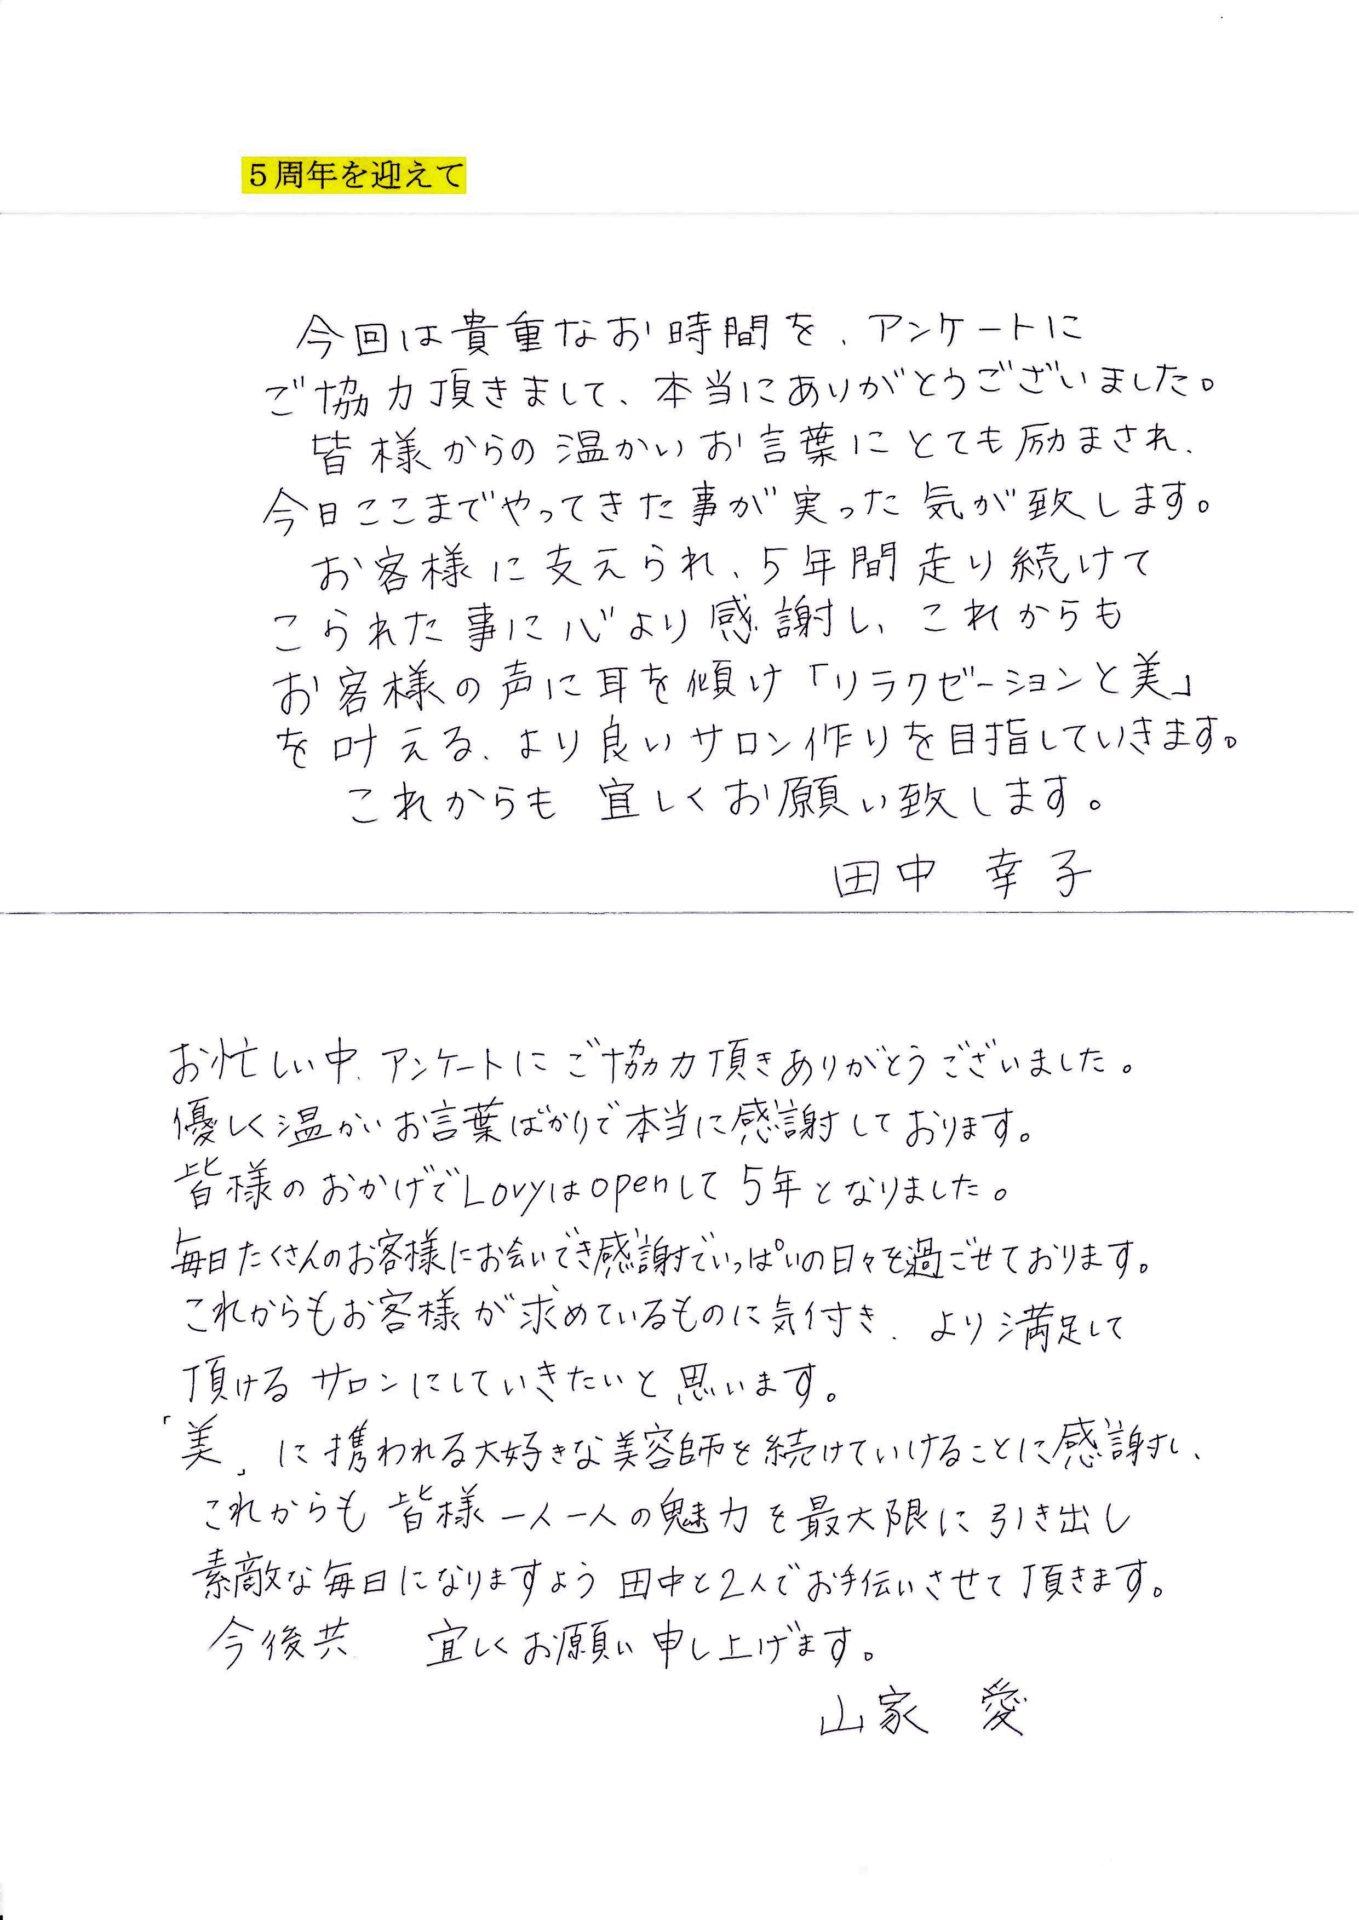 アンケート結果 最終号 7